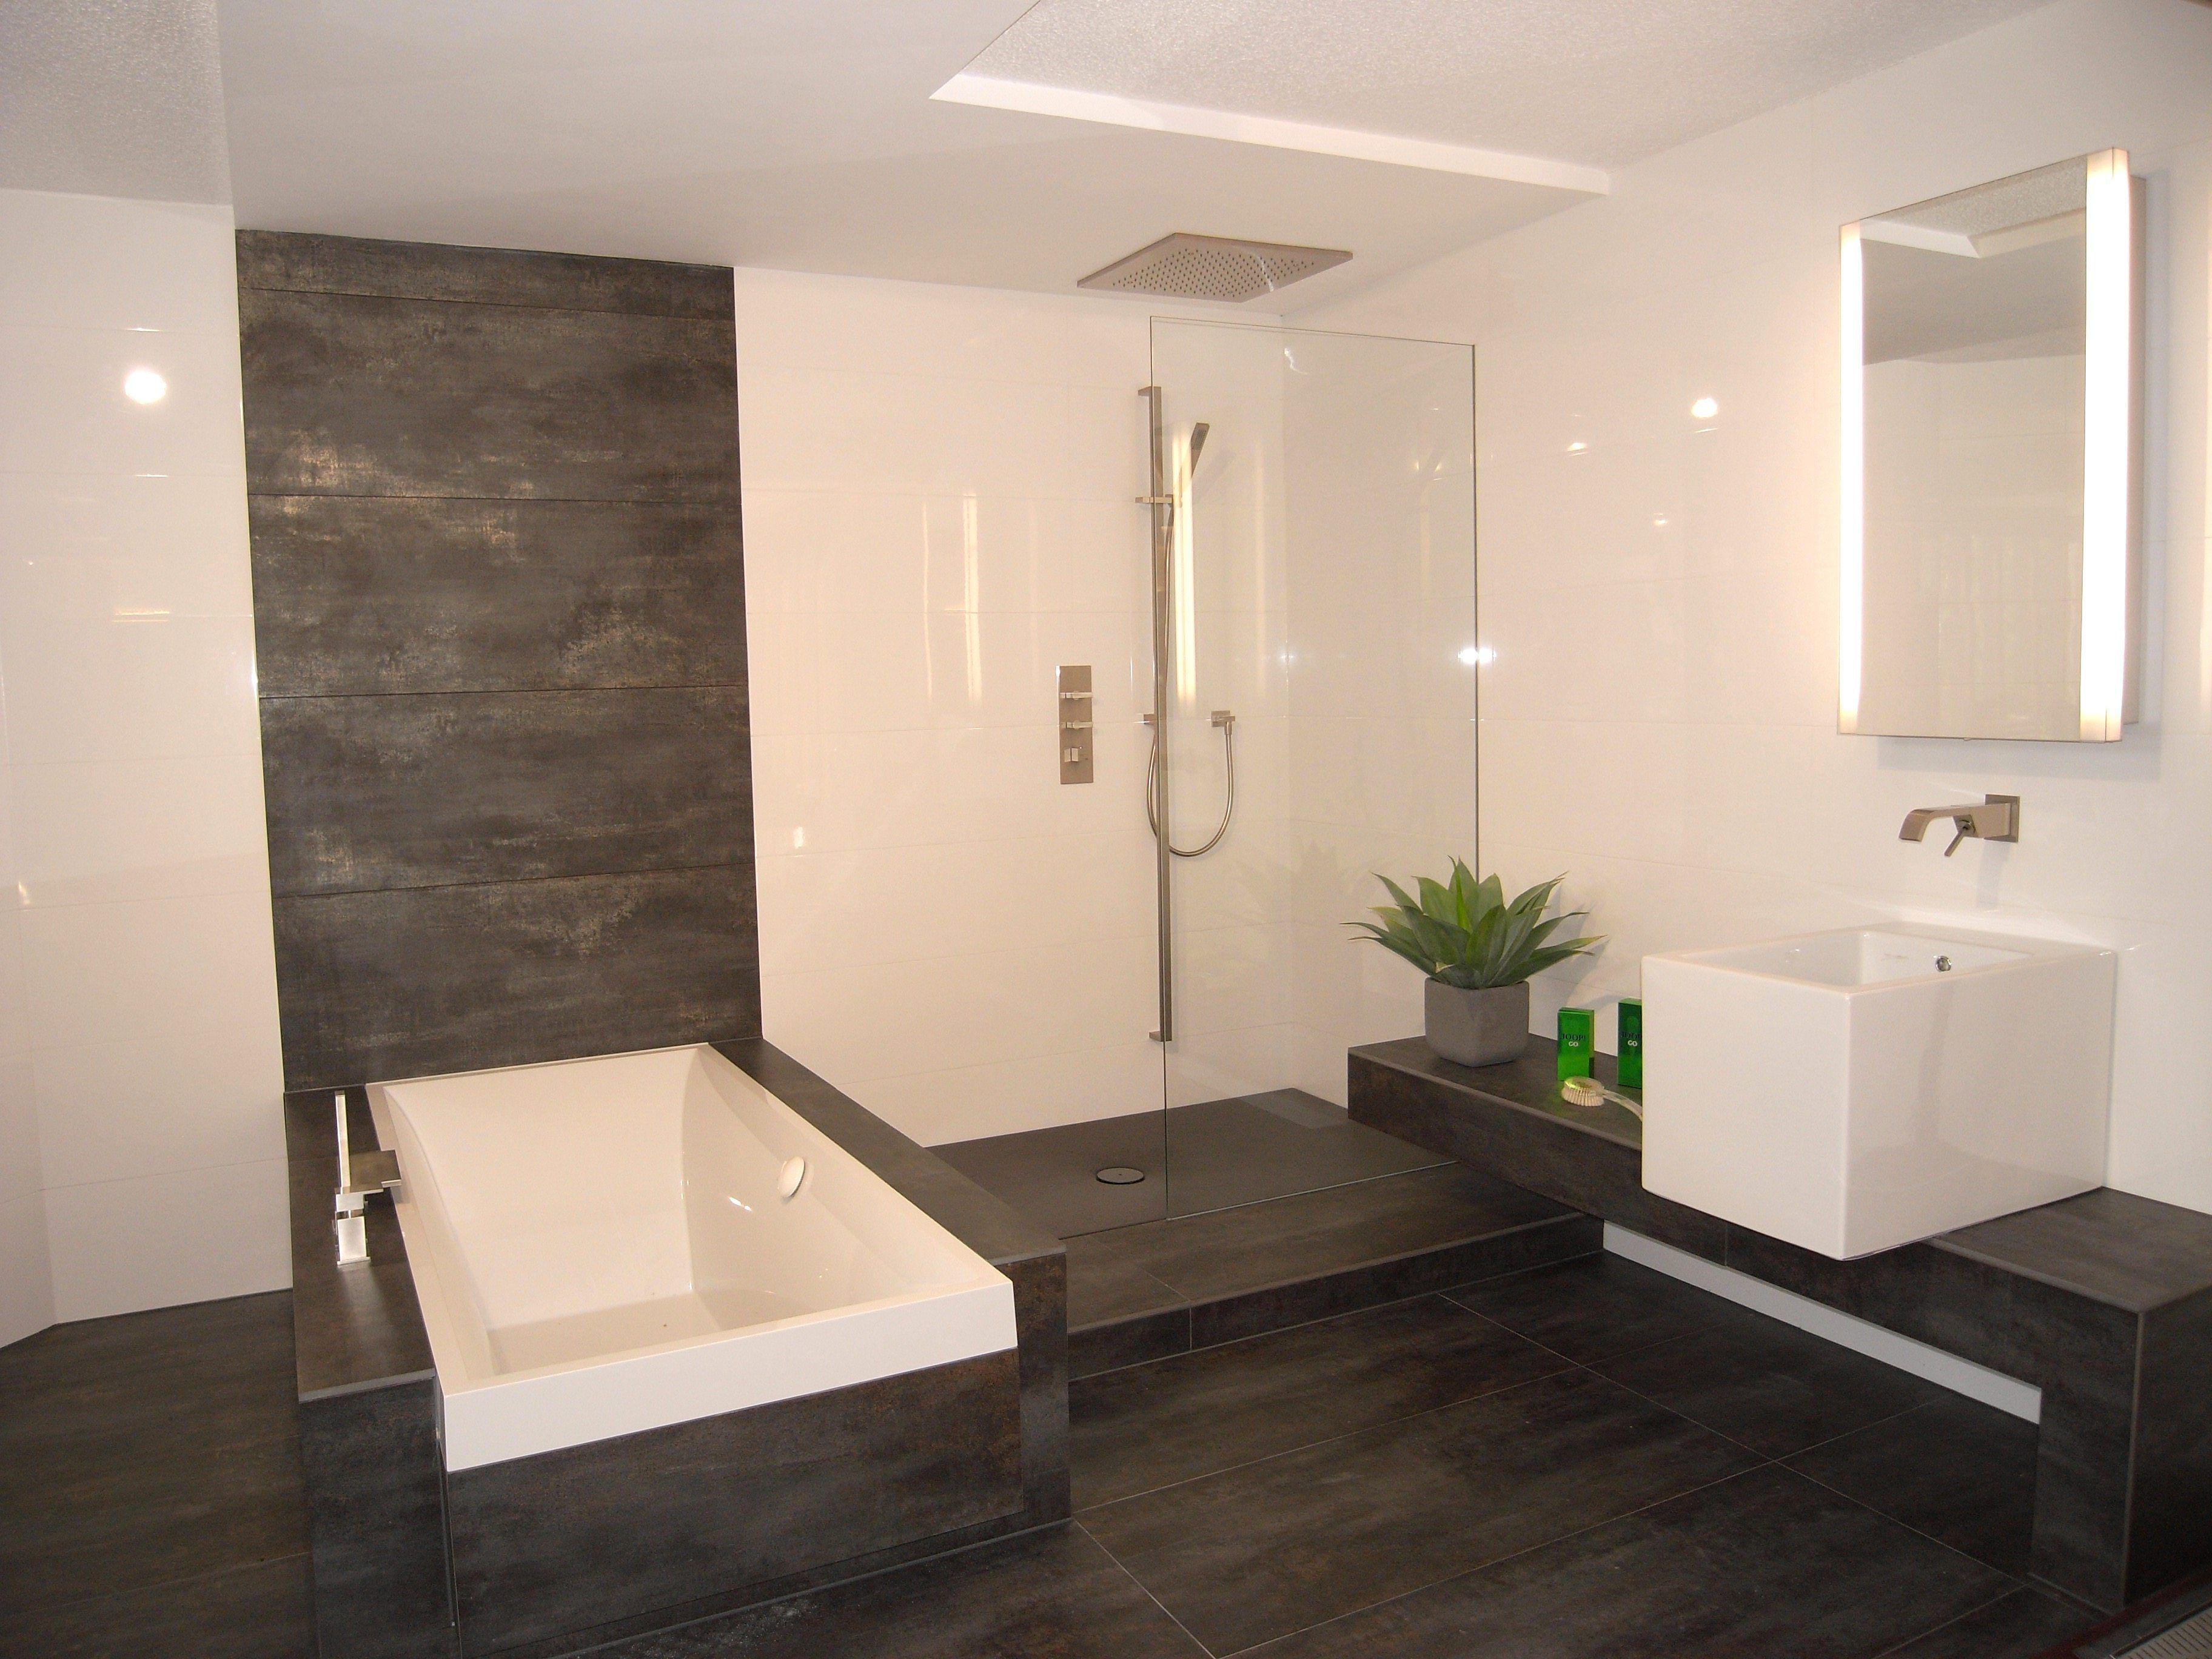 wellness badezimmer ideen | Badezimmer, Badezimmer fliesen ...